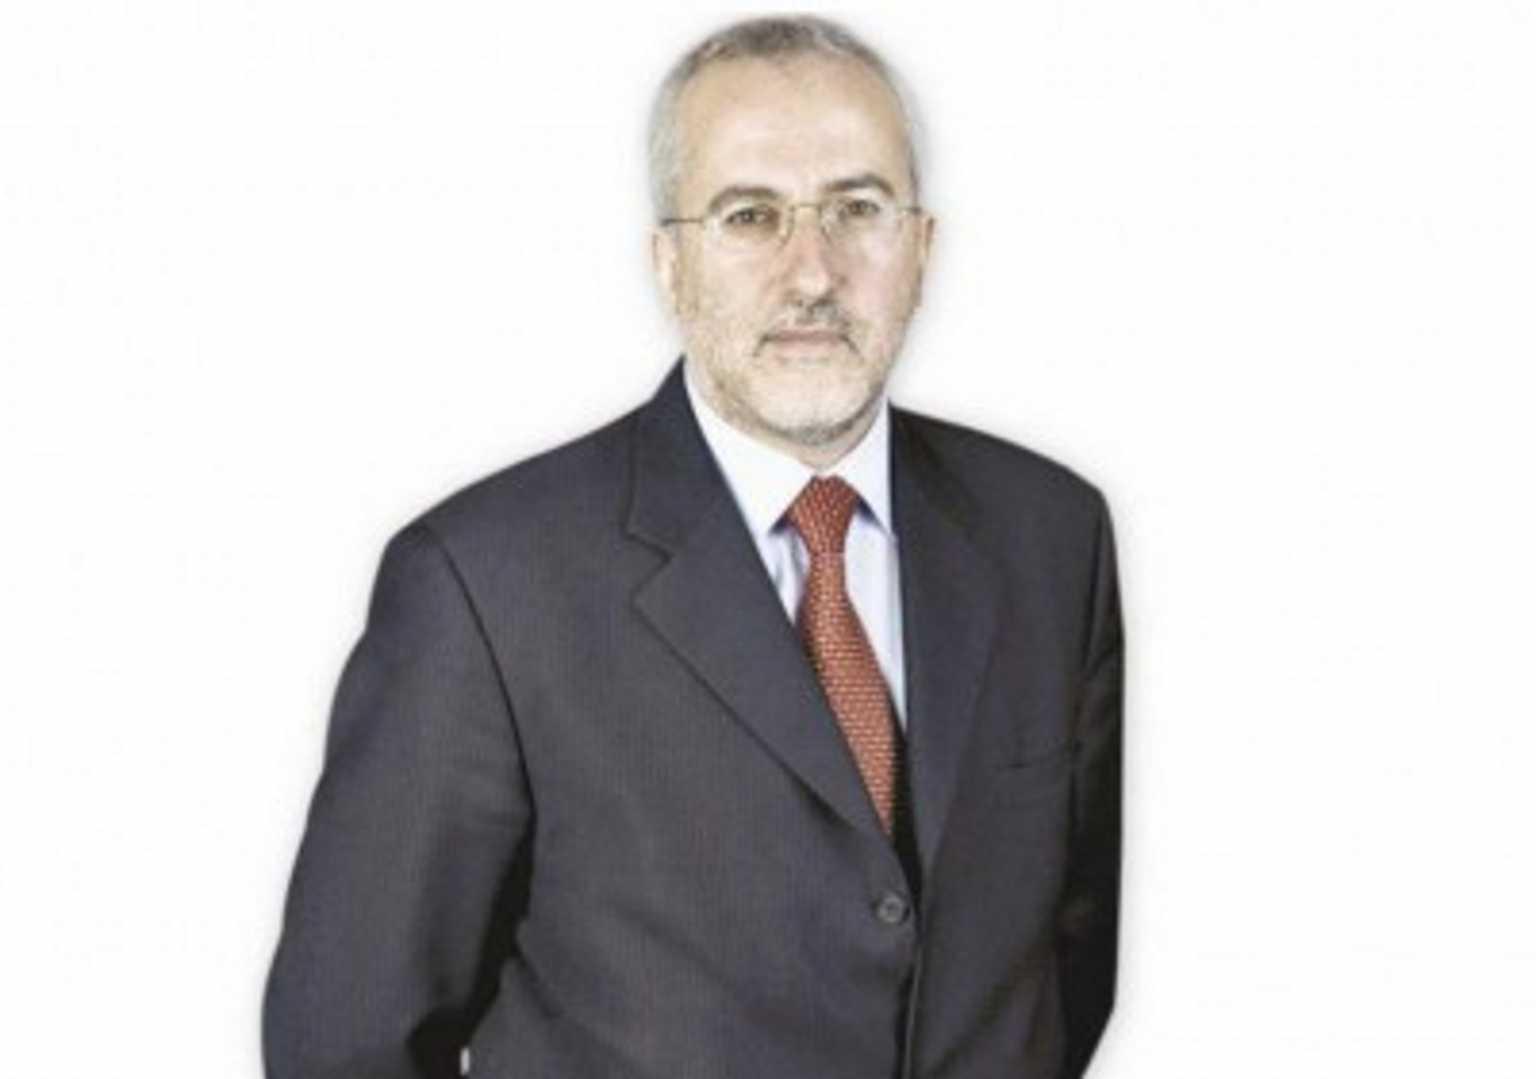 Πέθανε ο πρόεδρος του αεροδρομίου «Ελευθέριος Βενιζέλος» Γιώργος Αρώνης